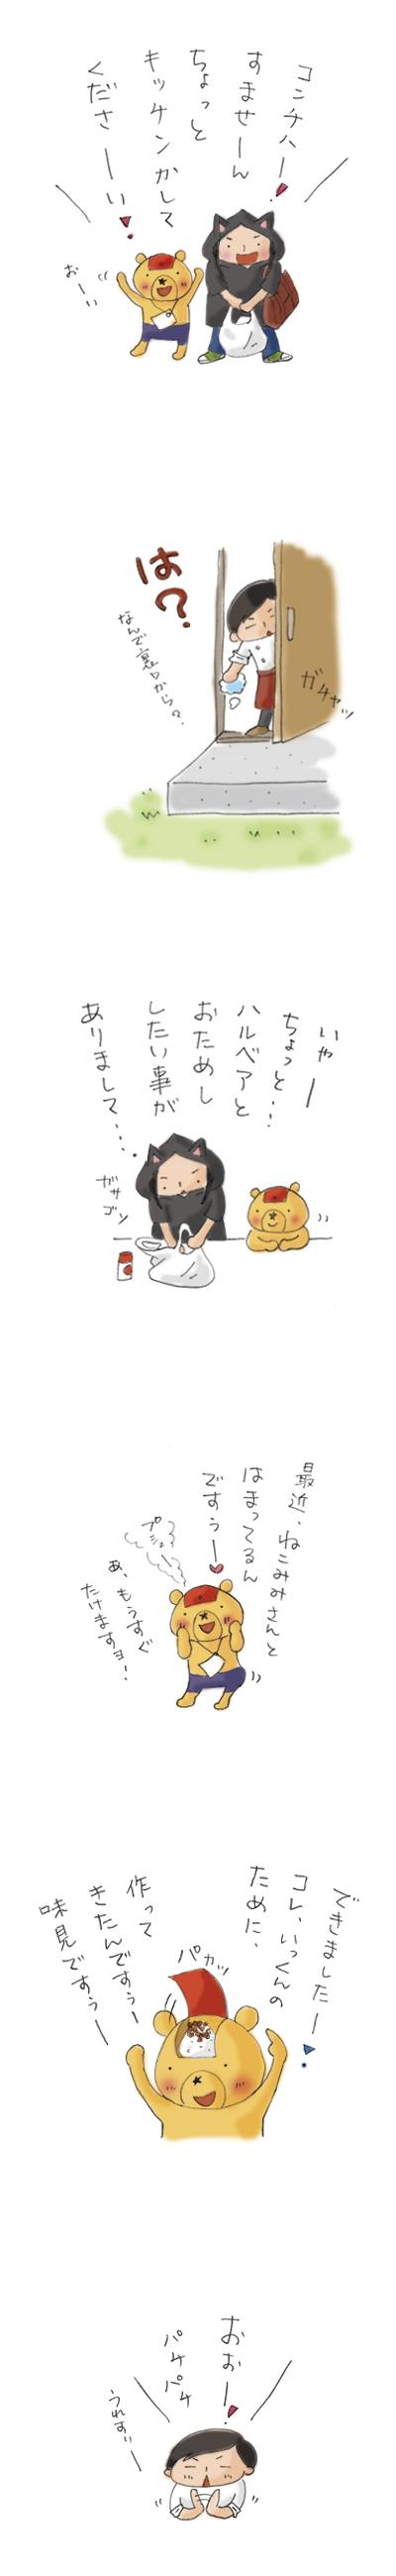 実験ですぅ〜!1